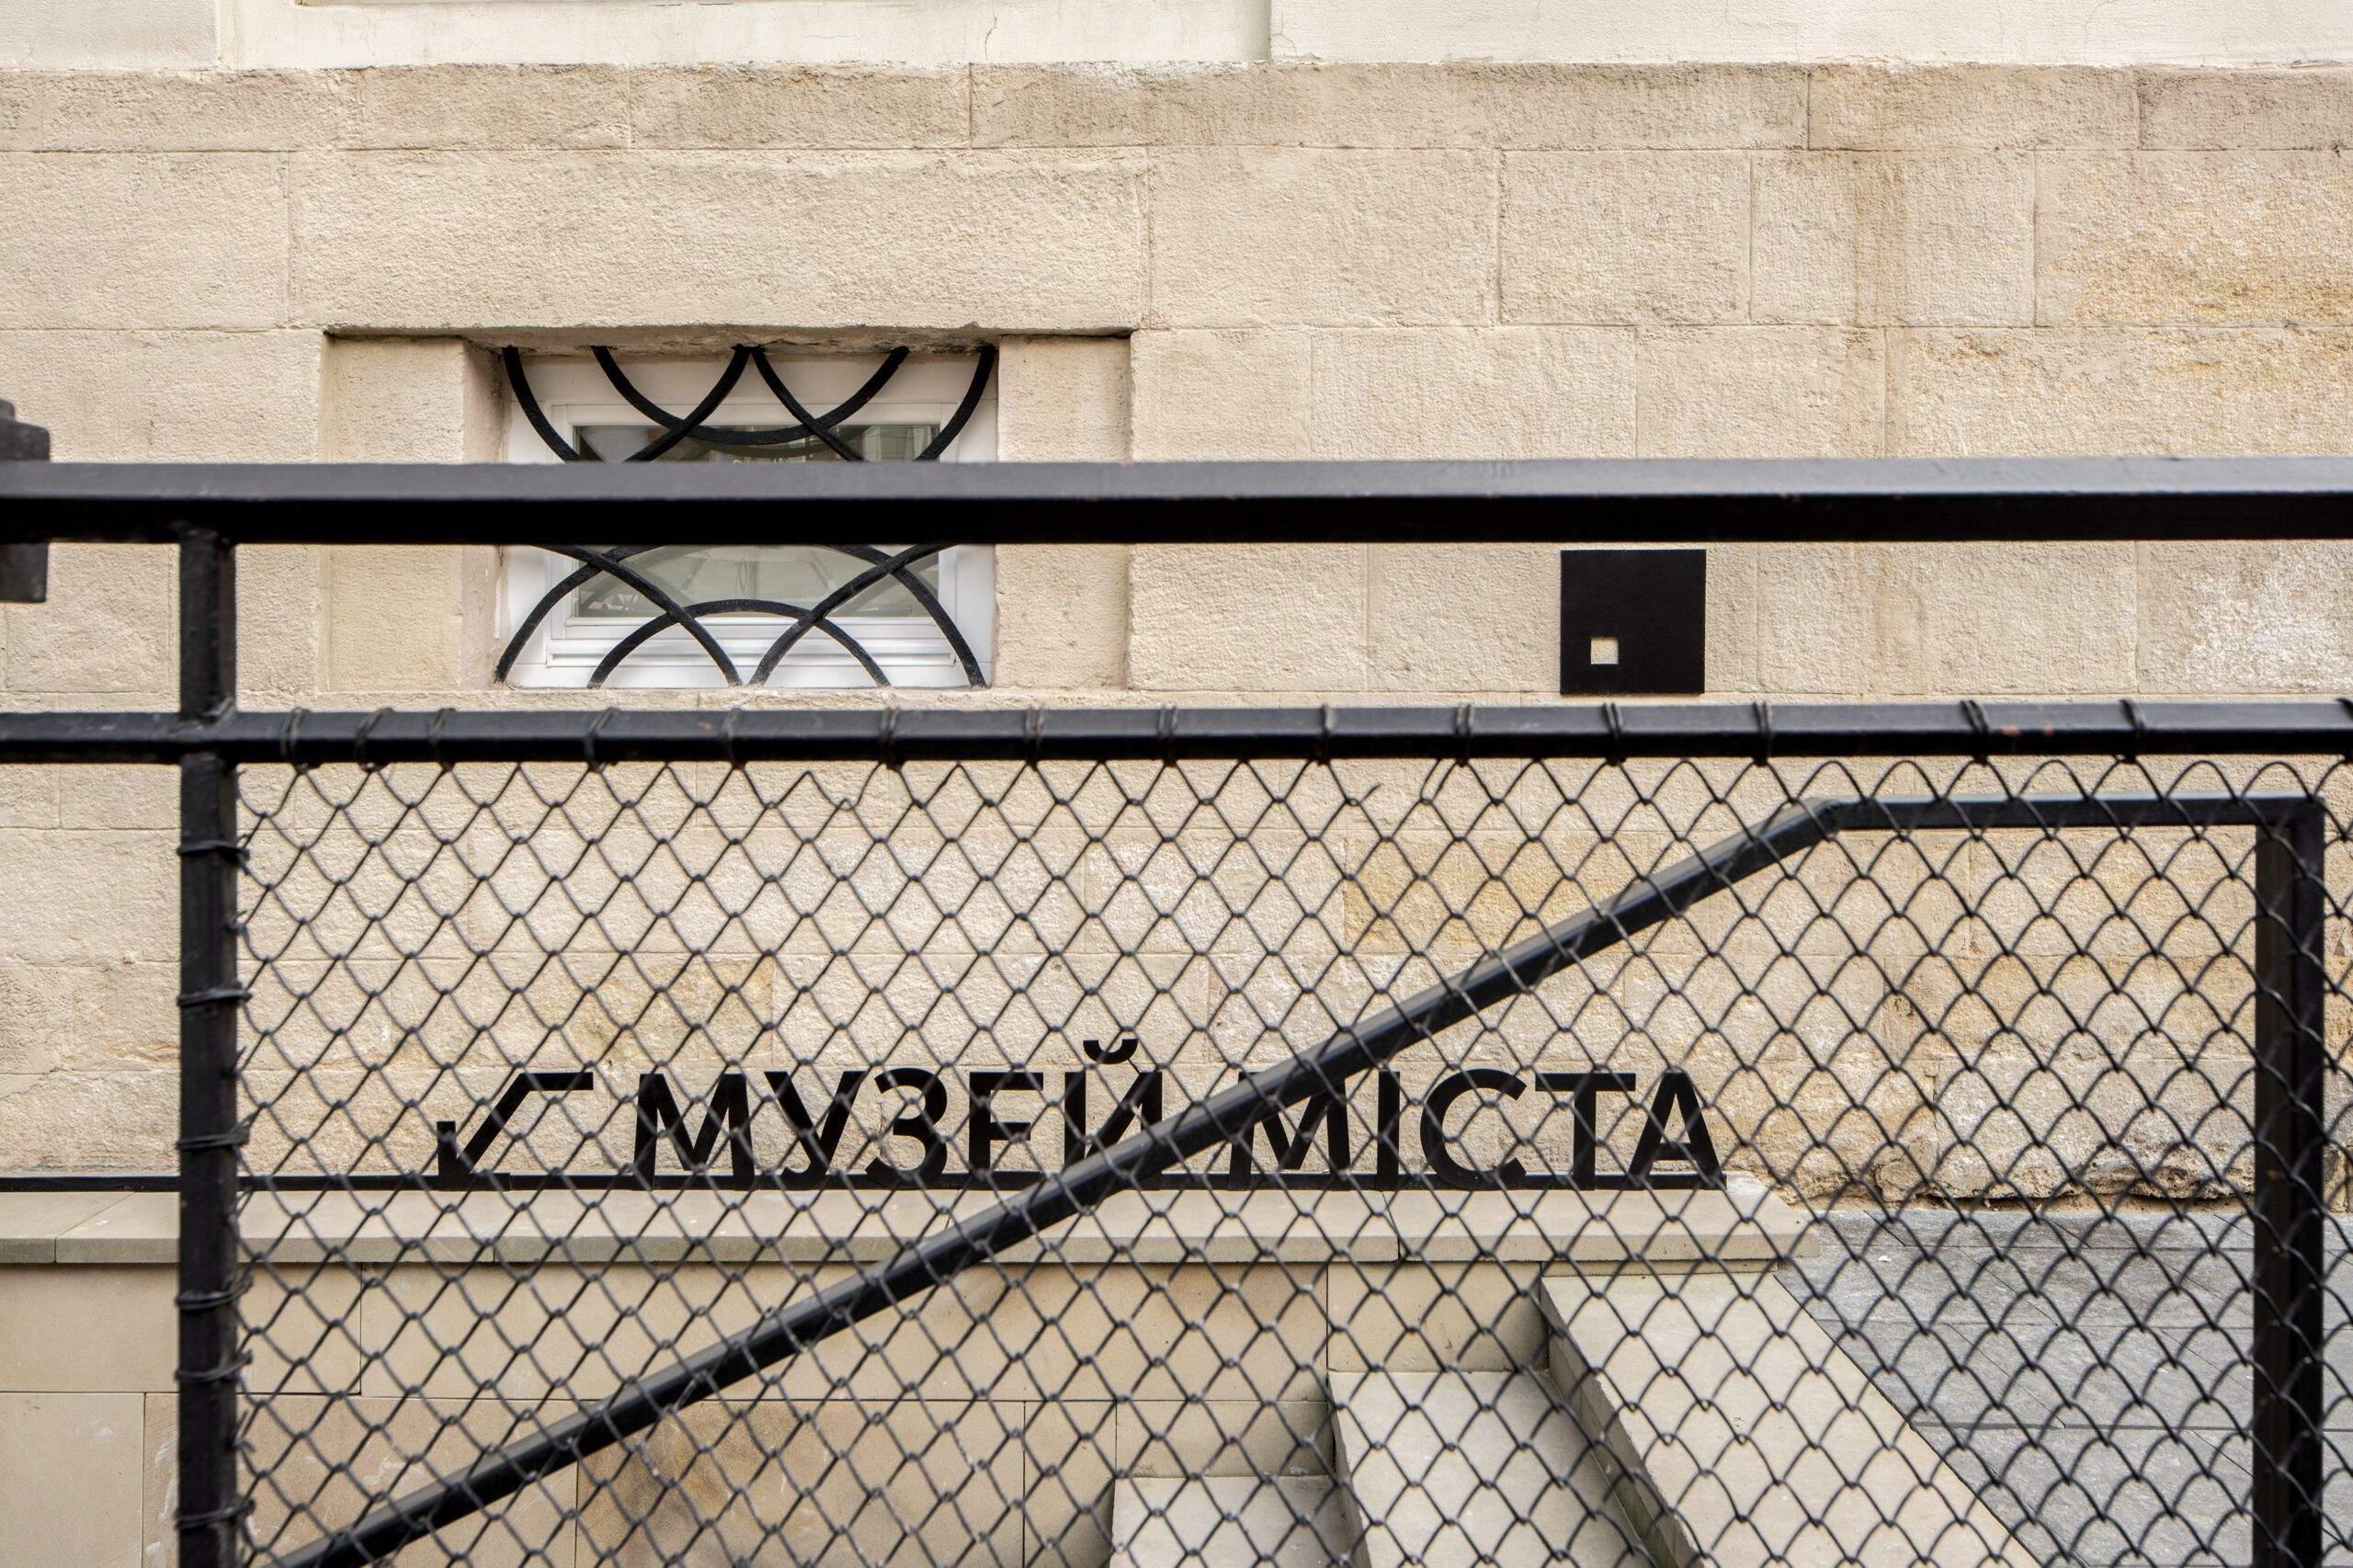 Як виглядає Музей Міста